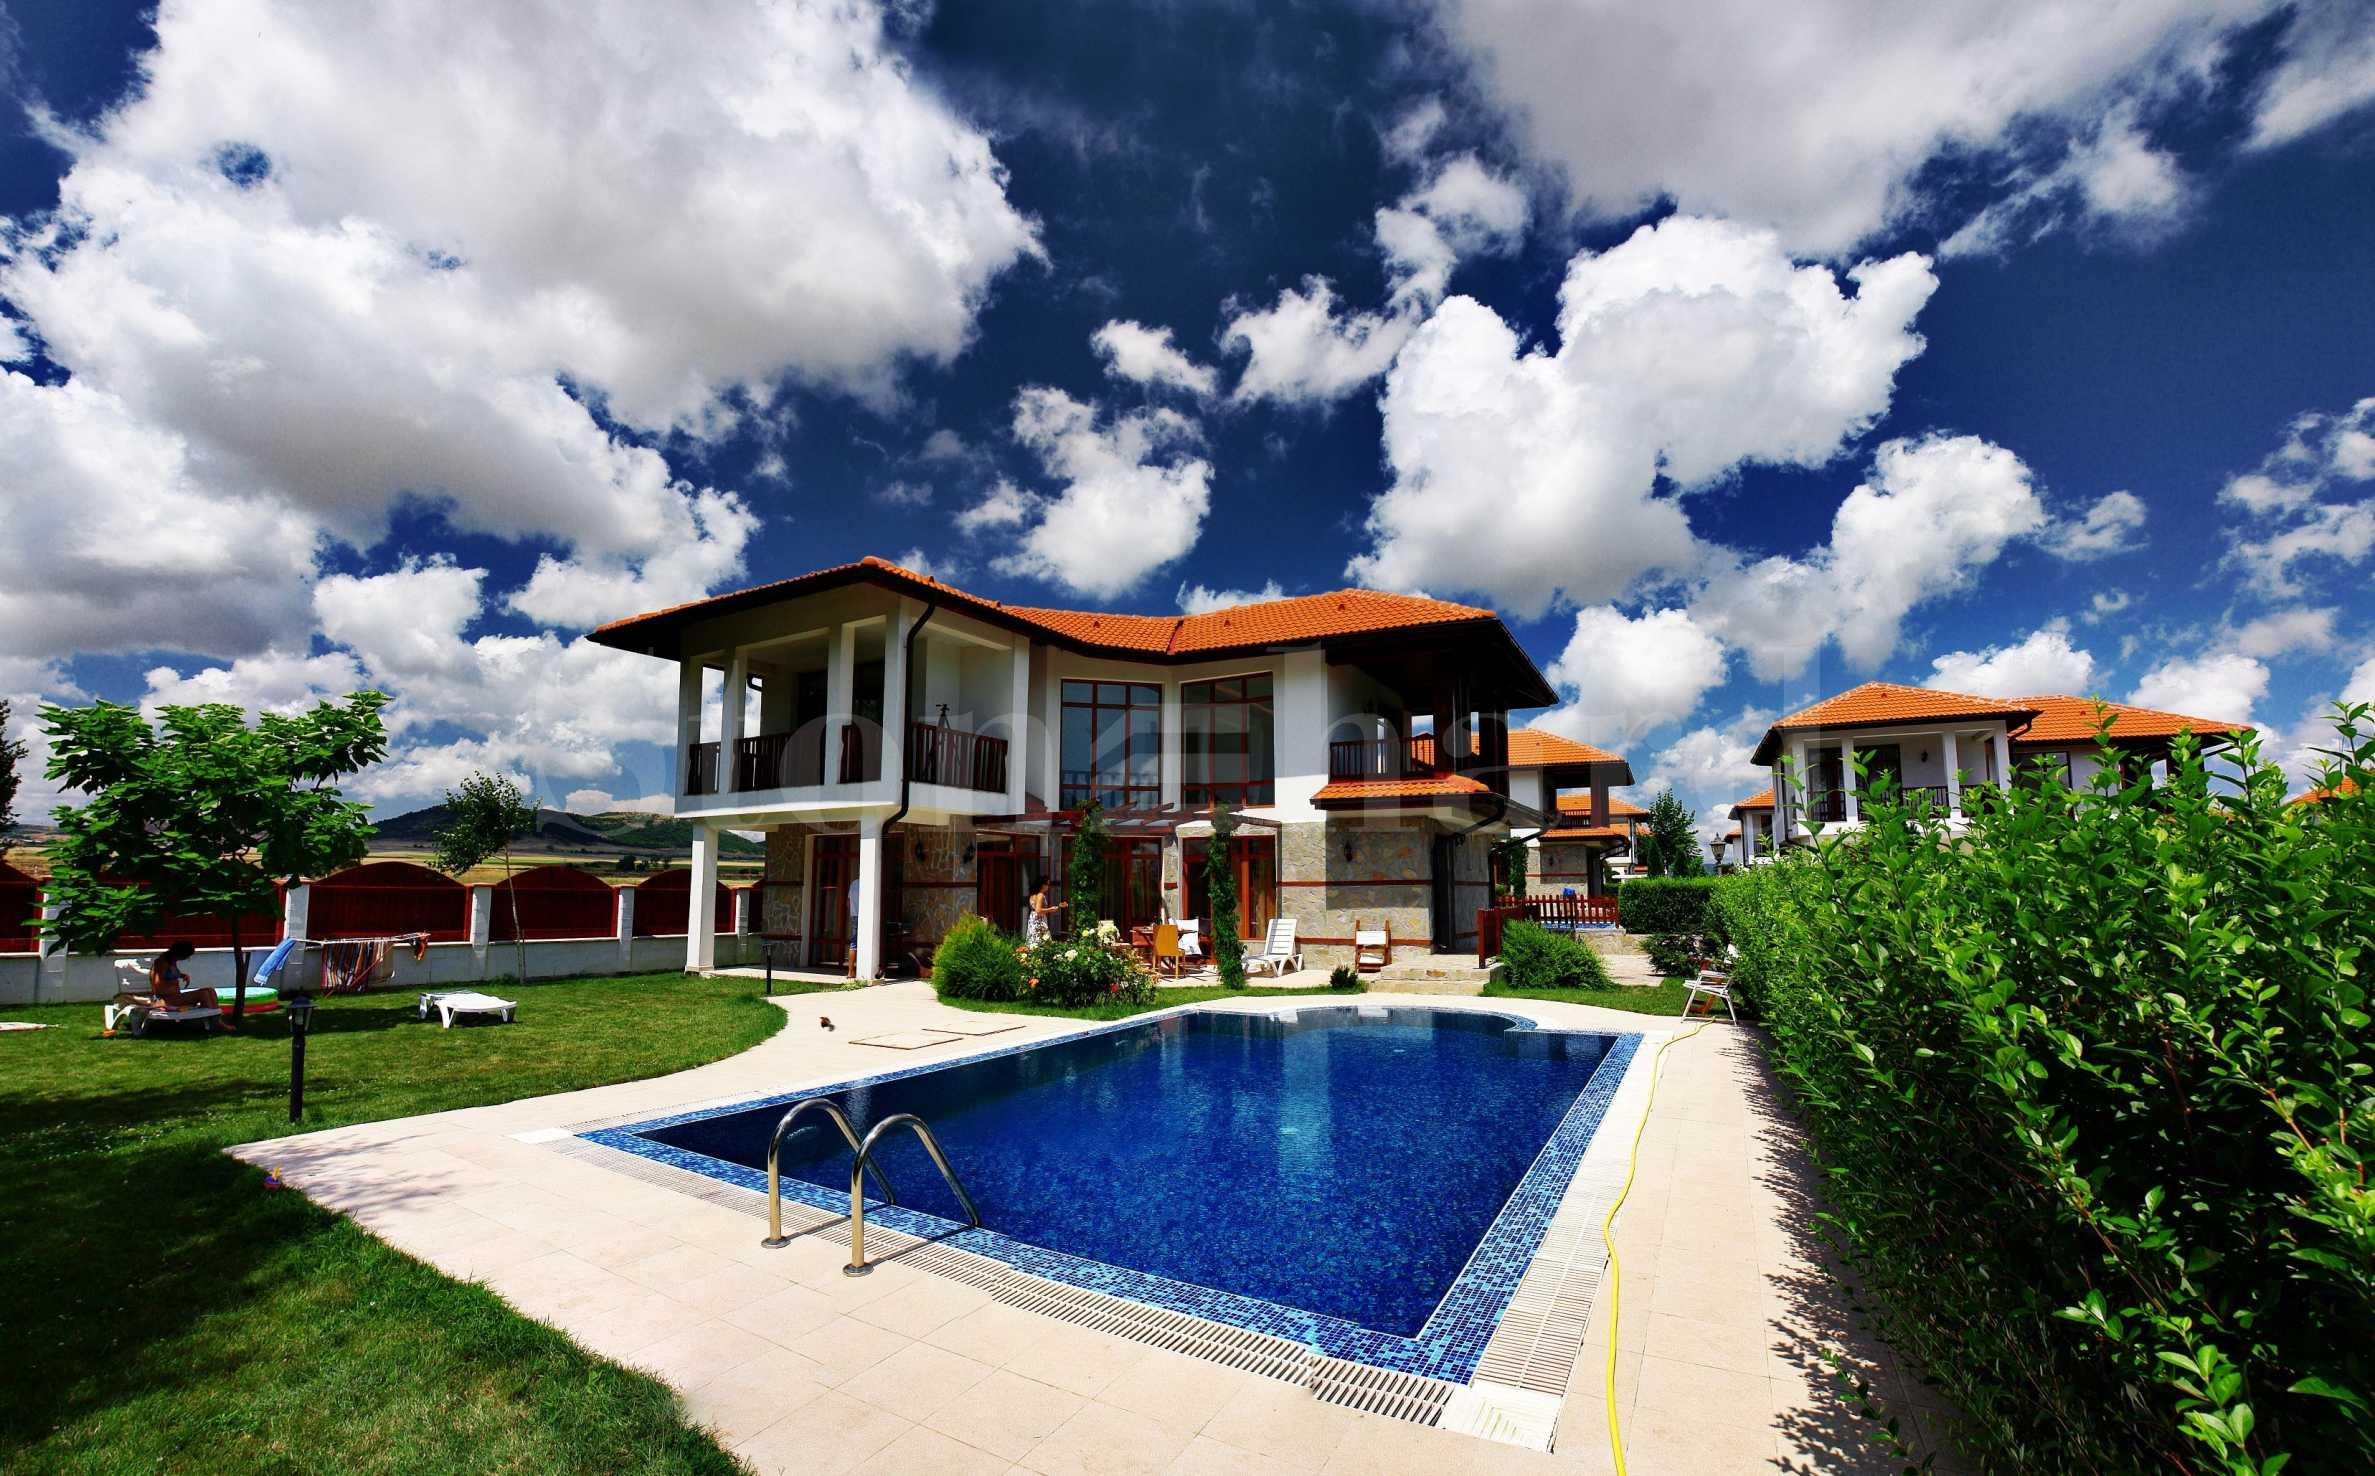 Къщи с басейни и градини в еко района до морските курорти2 - Stonehard